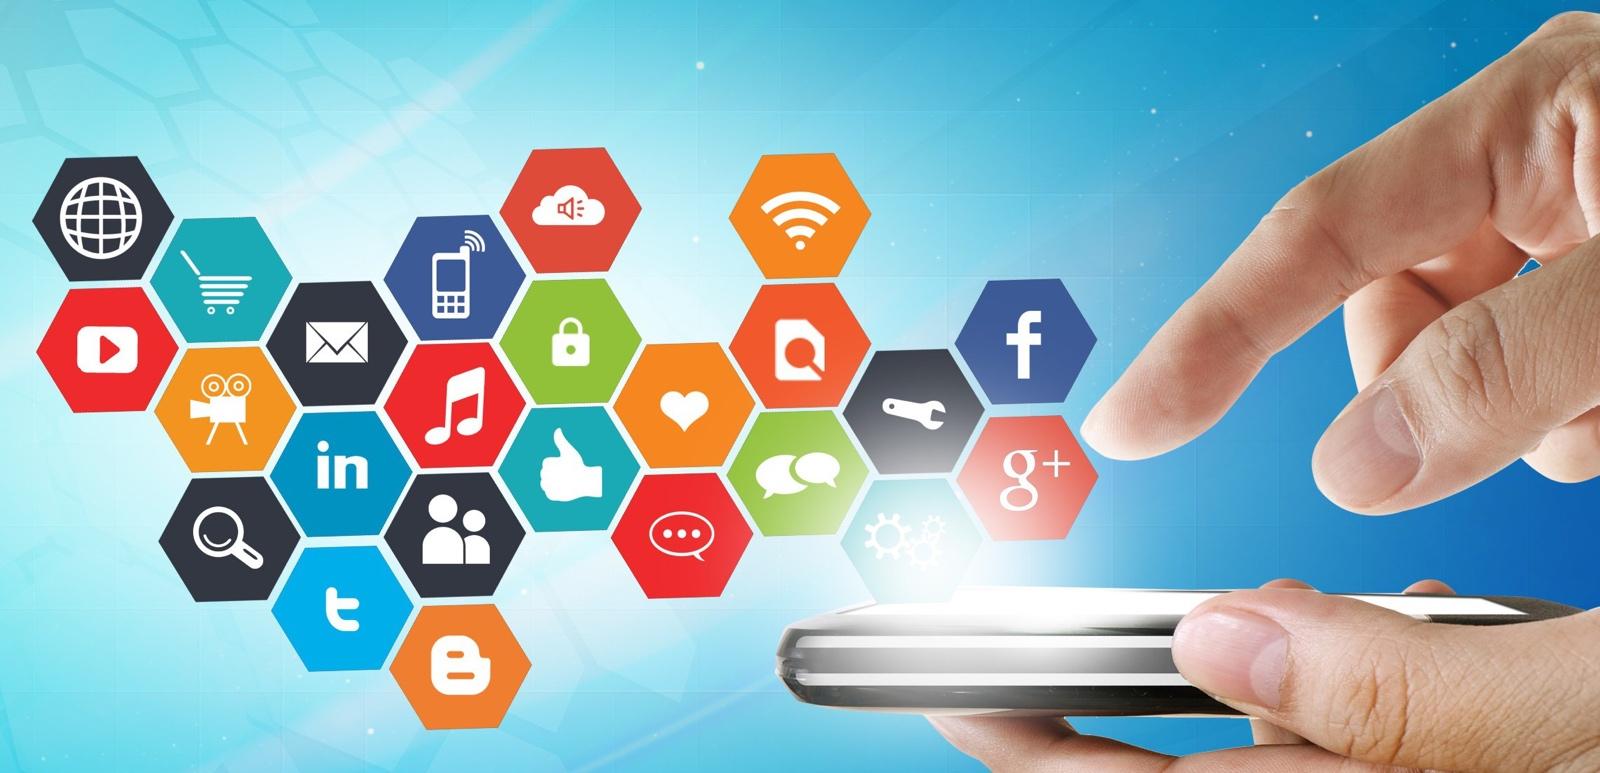 sosyal medya hizmetleri manisa